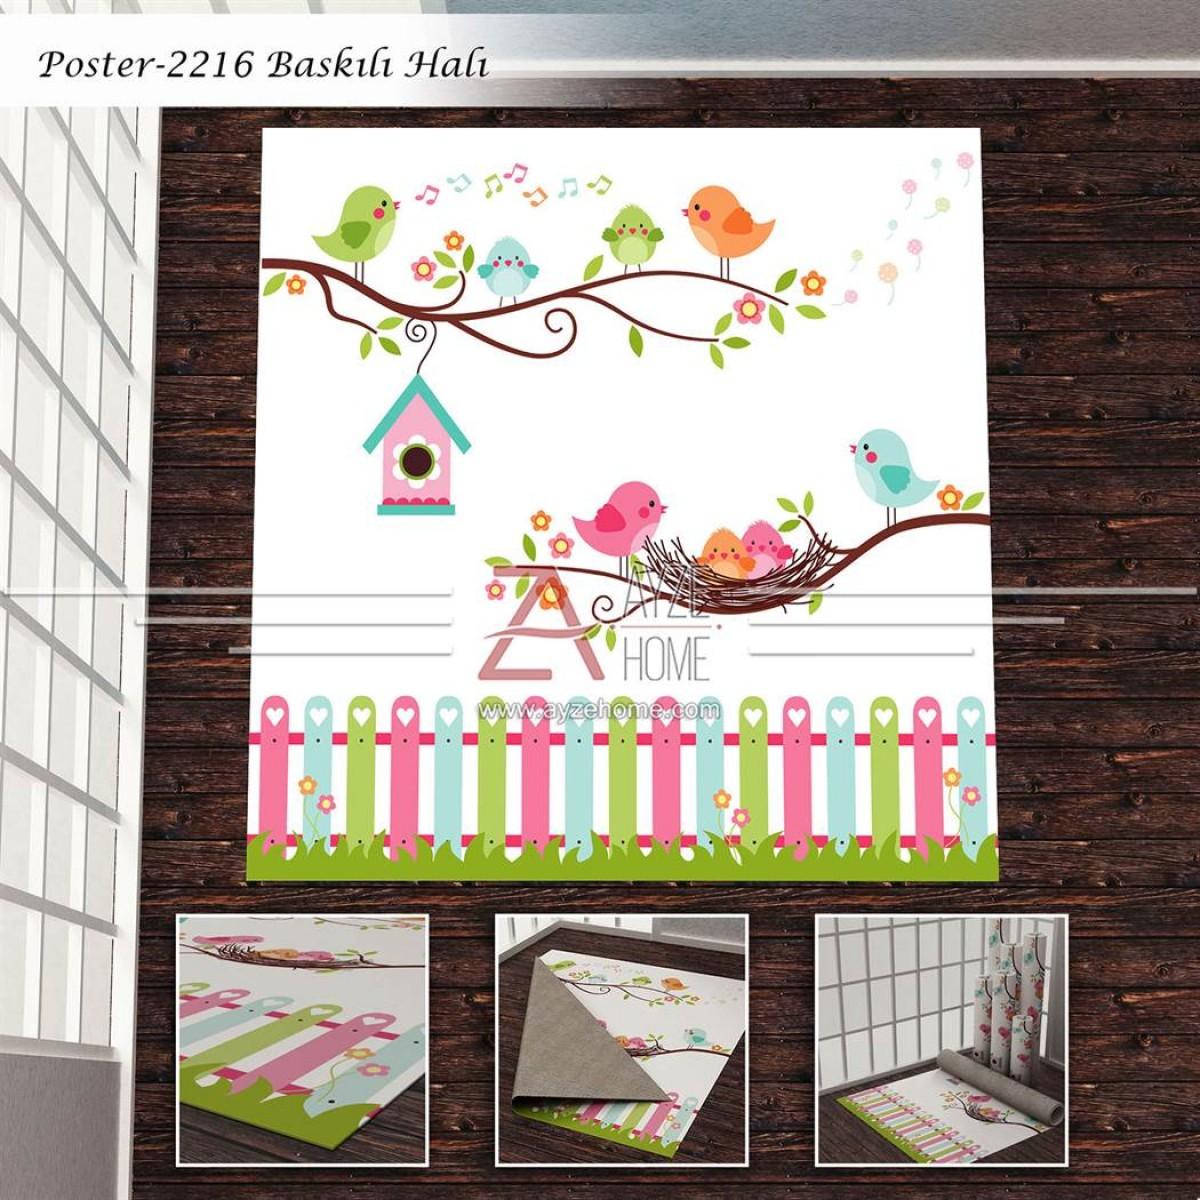 Bebek Odası - Kuşlar ve Çitler Vektör Baskılı Halı